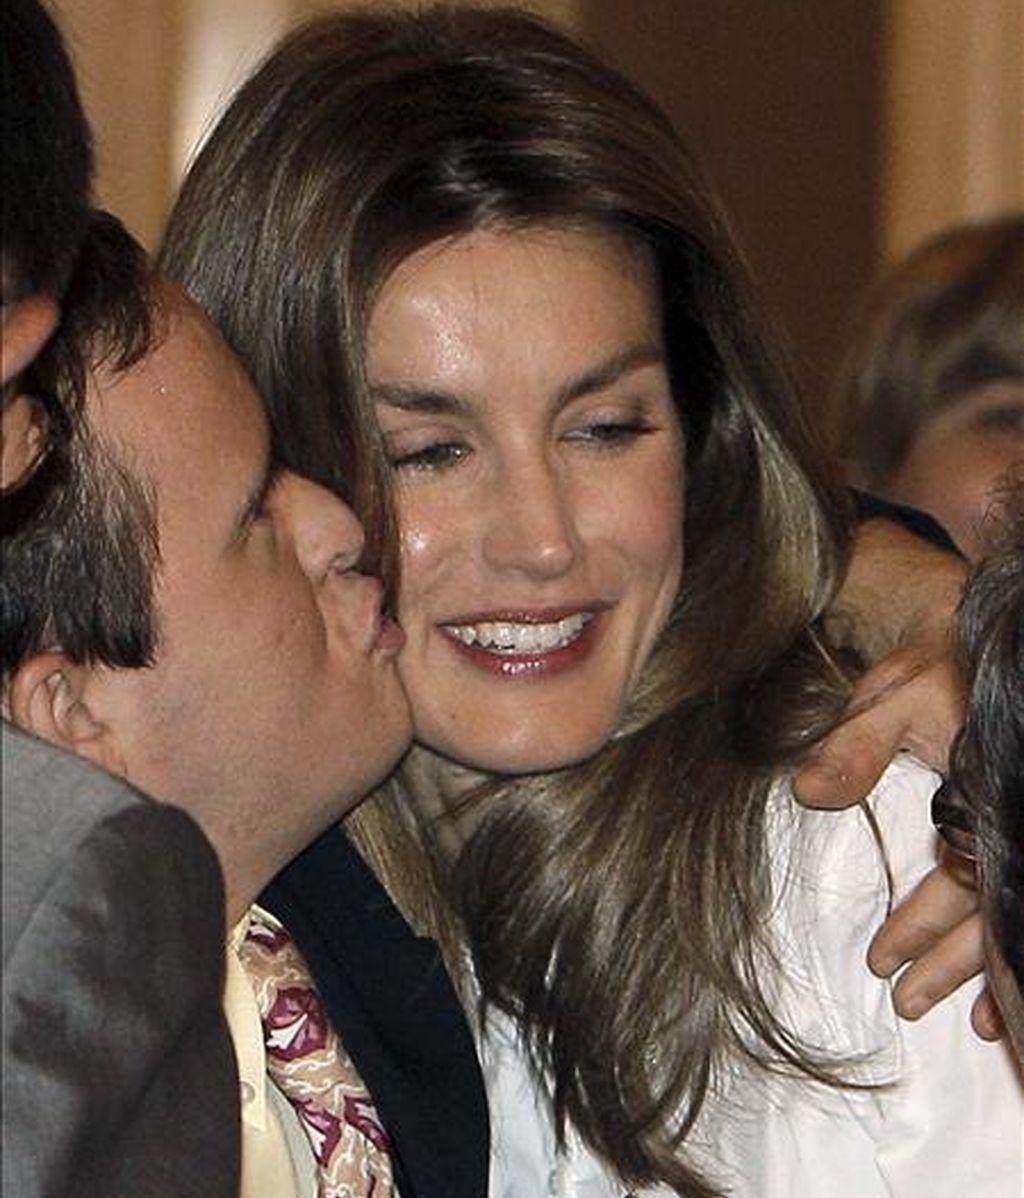 """La Princesa de Asturias, que recibió en audiencia hoy en el Palacio de la Zarzuela a una representación de la Asociación de padres por la integración """"San Federico"""", es besada por uno de los chicos que asistió al acto. EFE"""